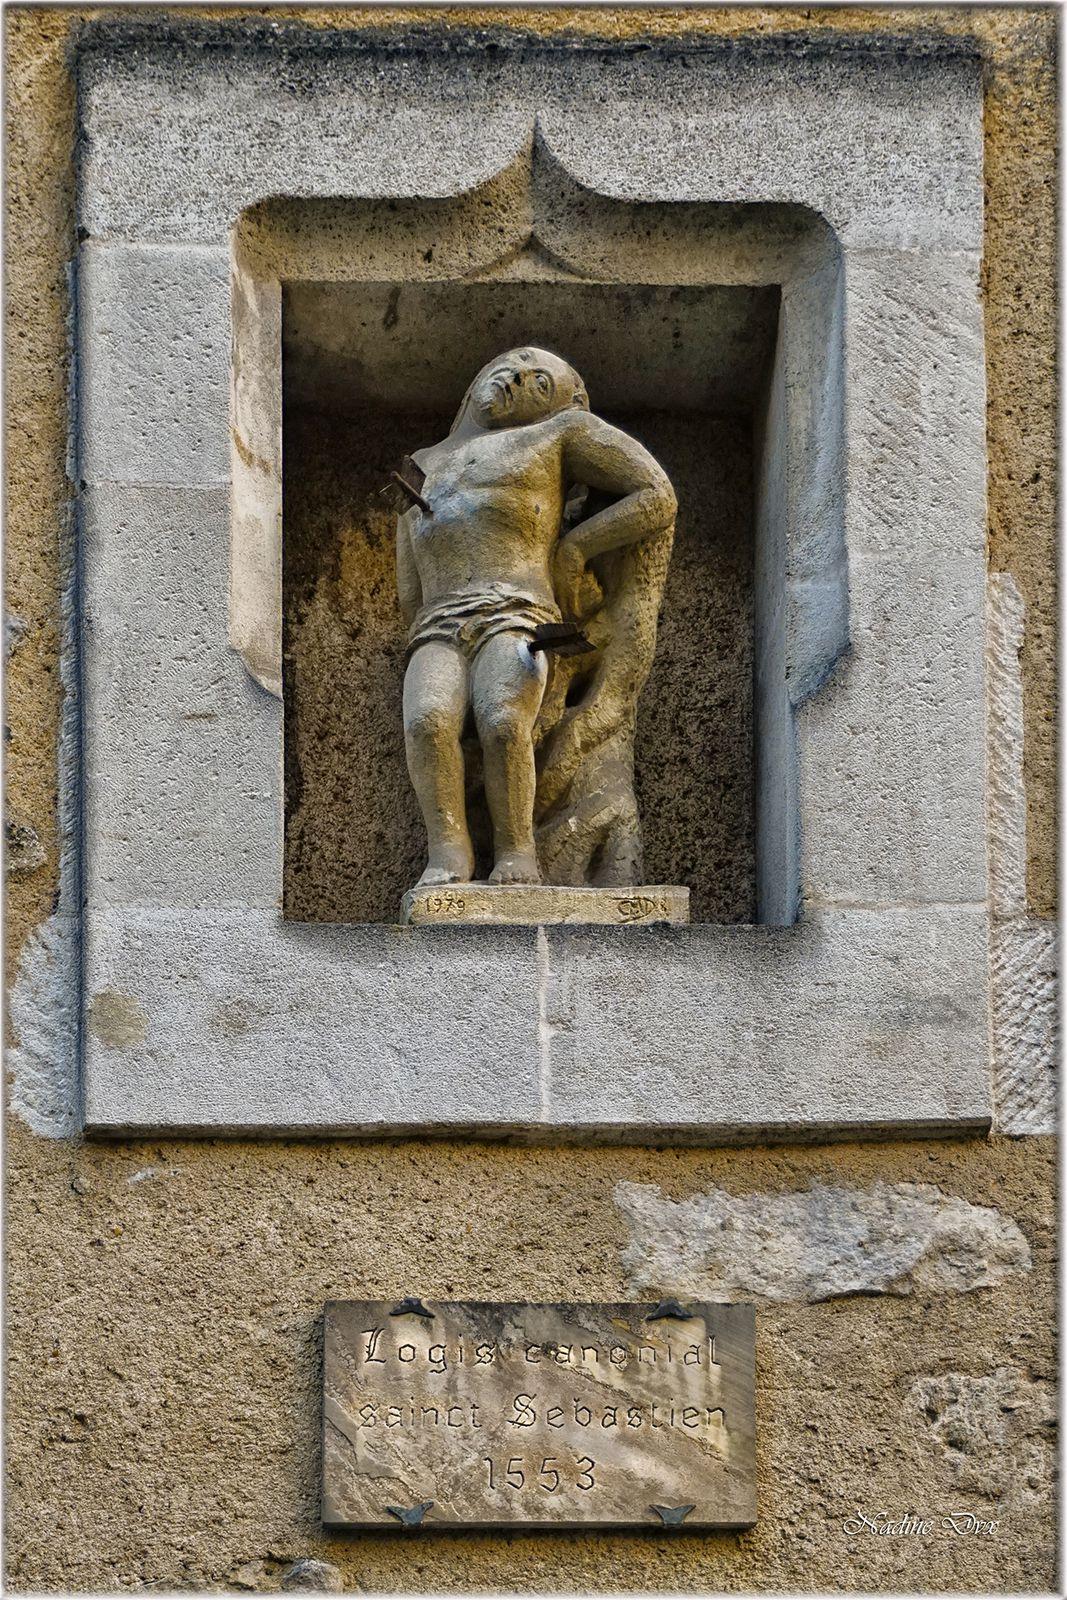 Logis canonial Saint-Sébastien 1553 - Rue des chanoines - Le Mans